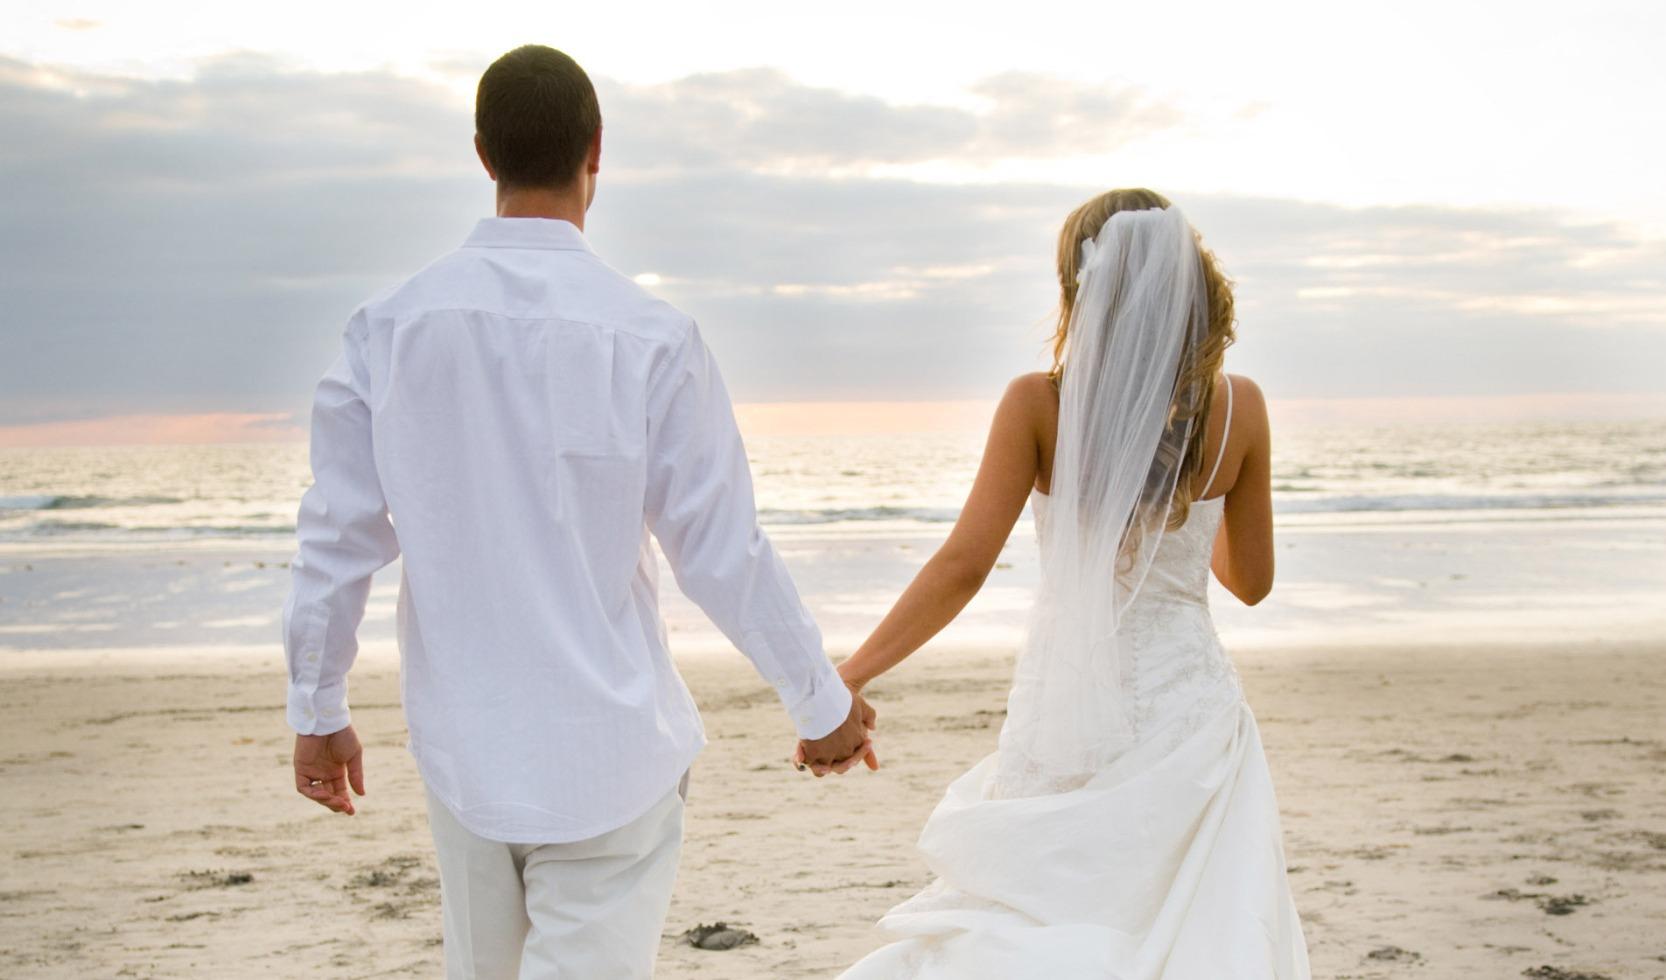 keuangan pengantin baru